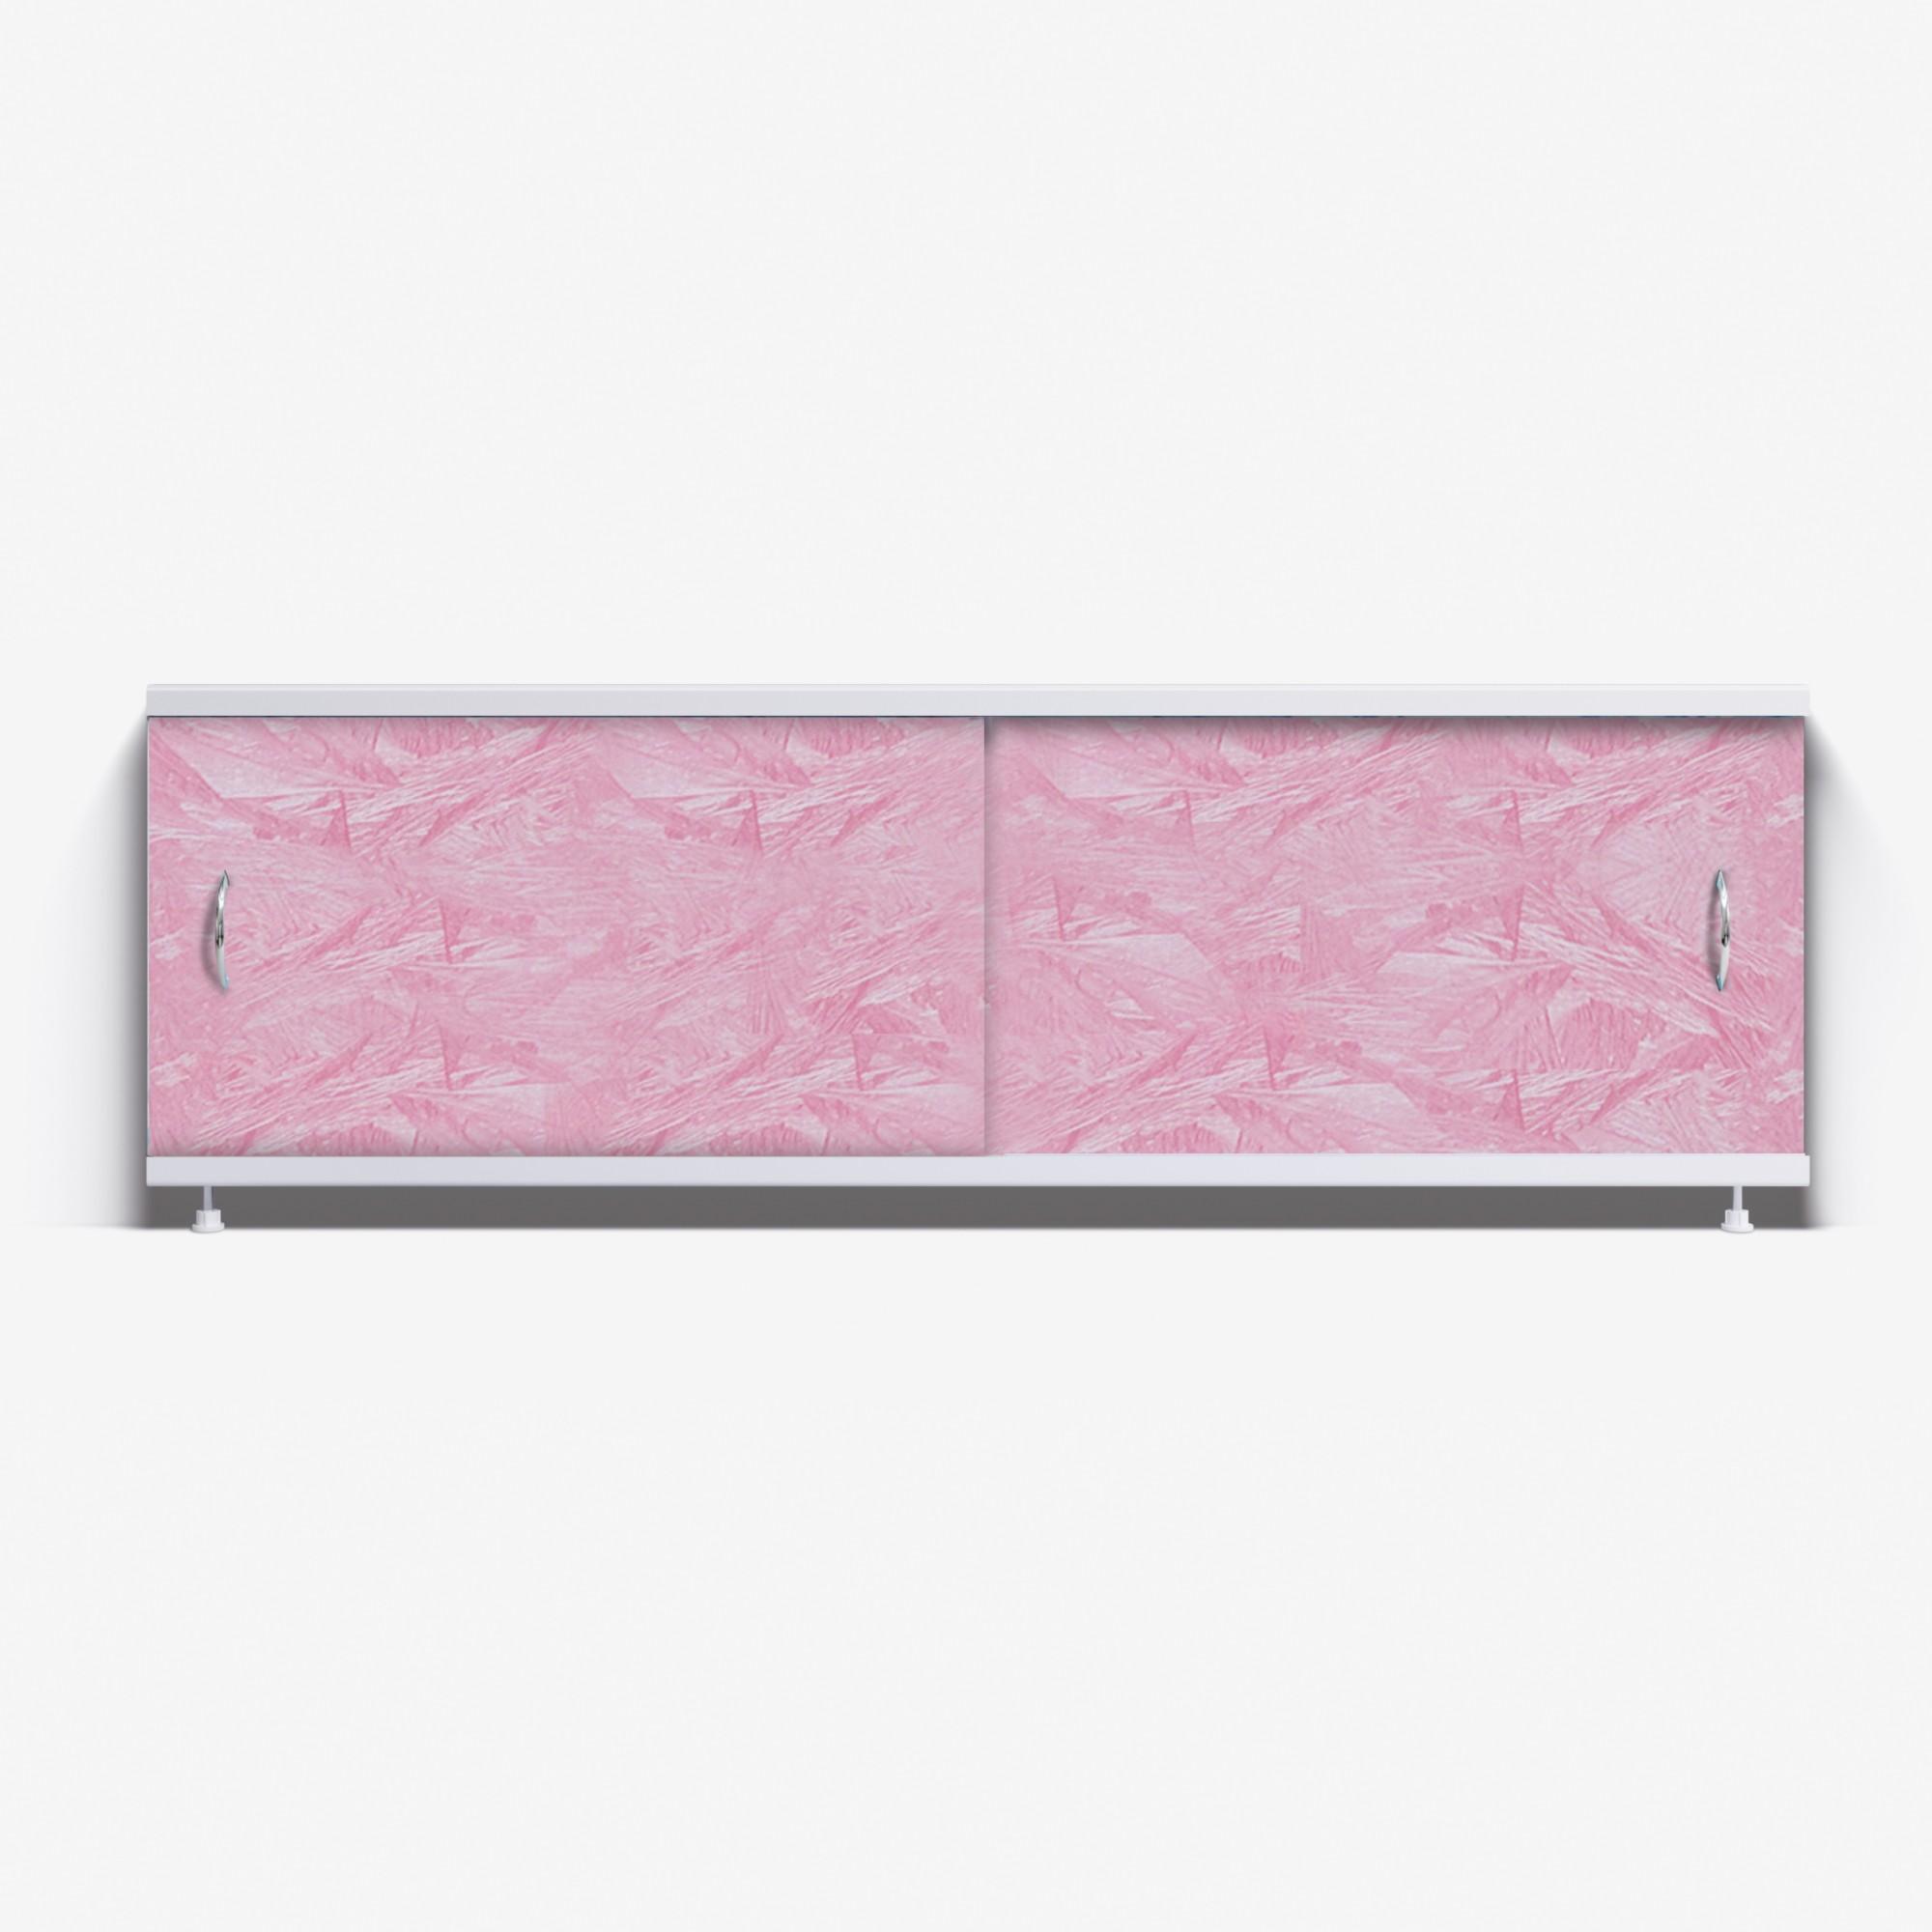 Экран под ванну Классик 170 розовый мороз